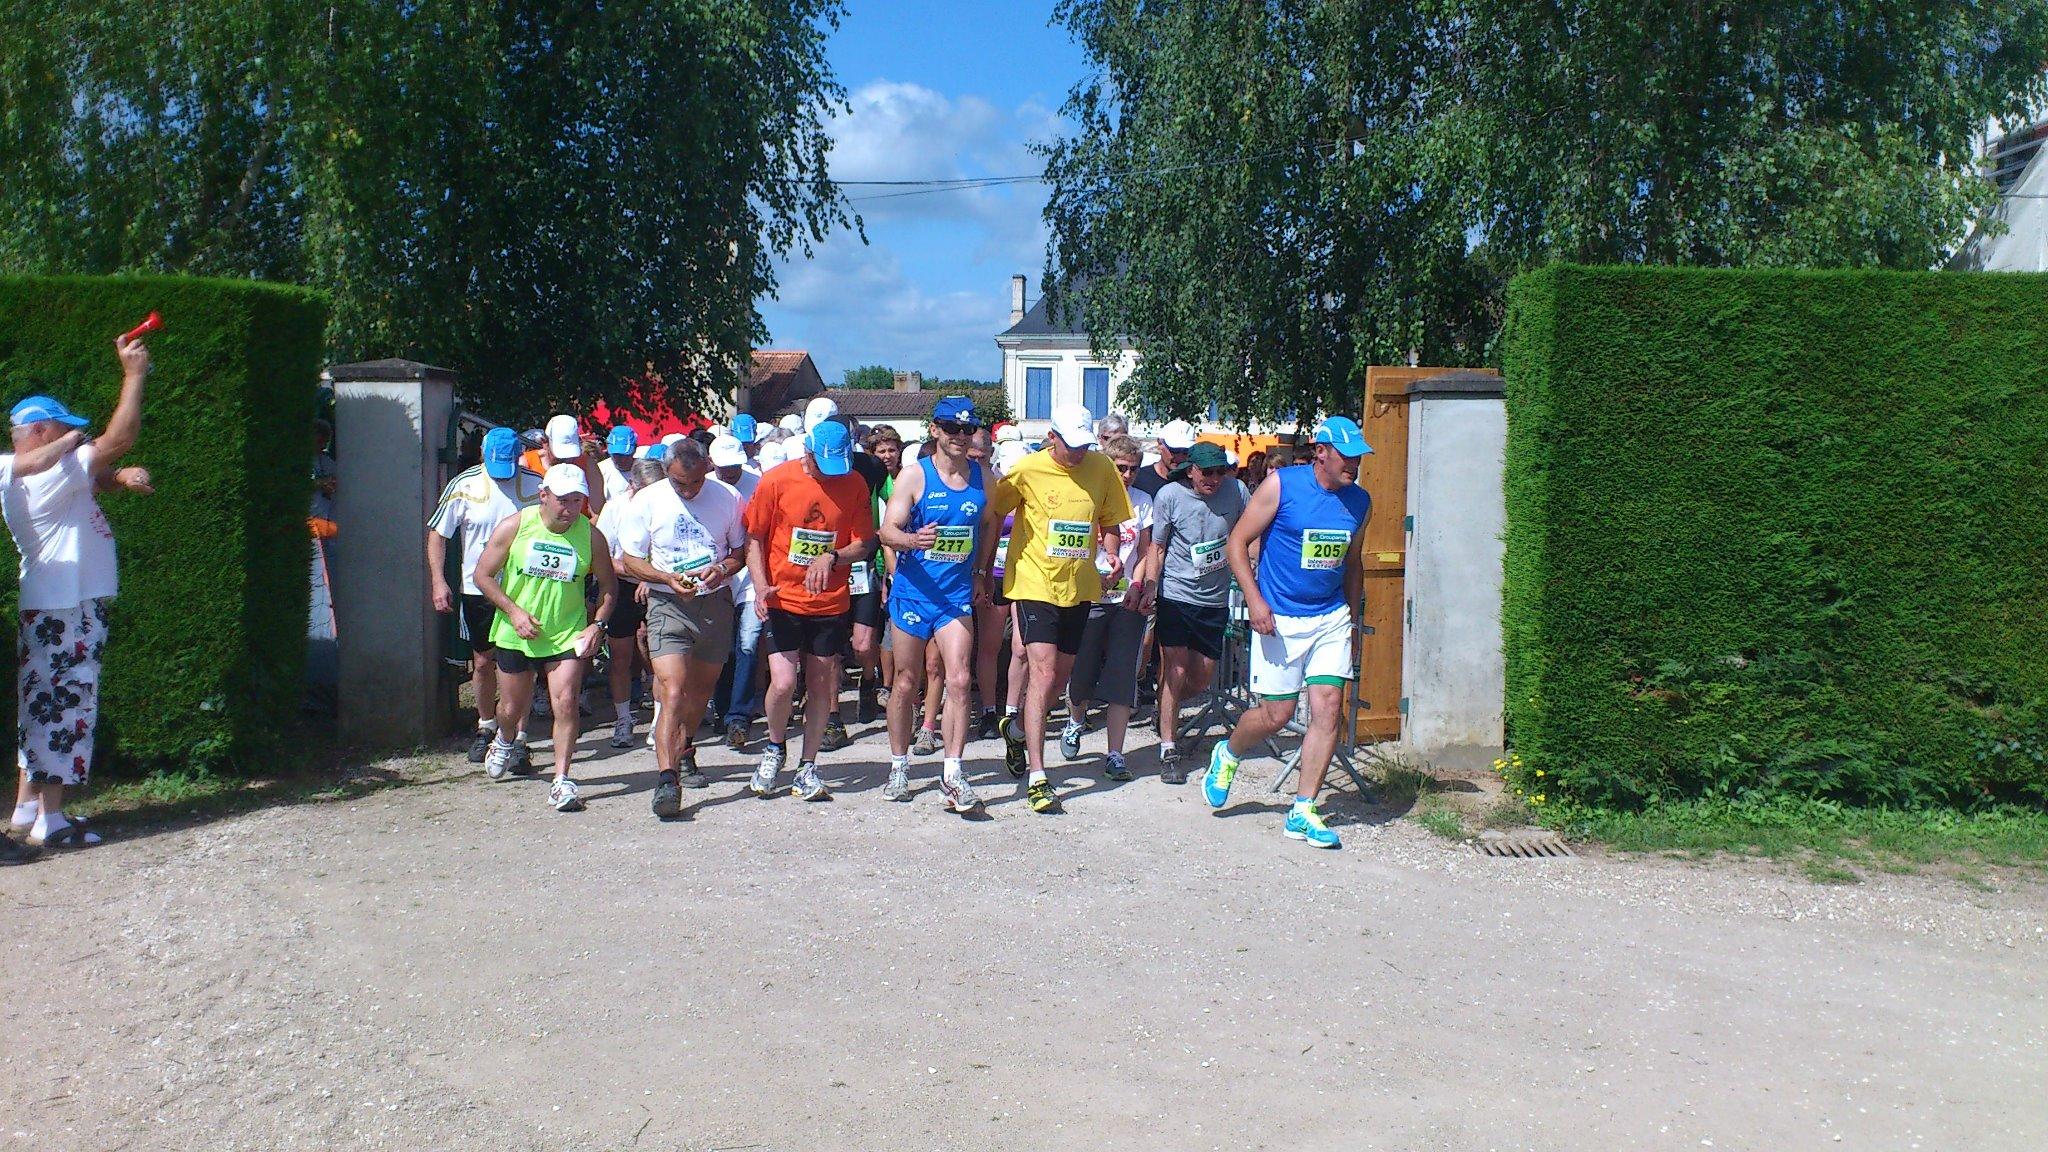 24 h de marche Montguyon